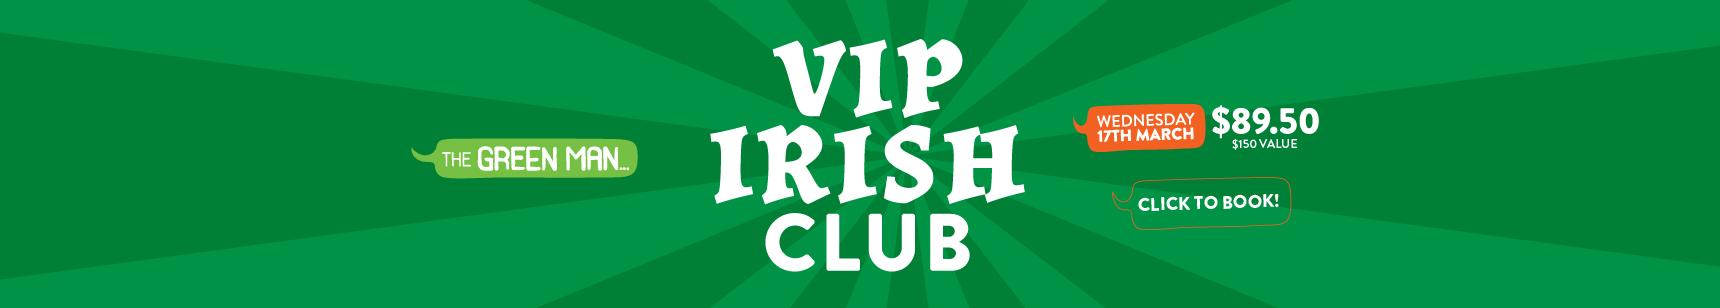 VIP Irish Club